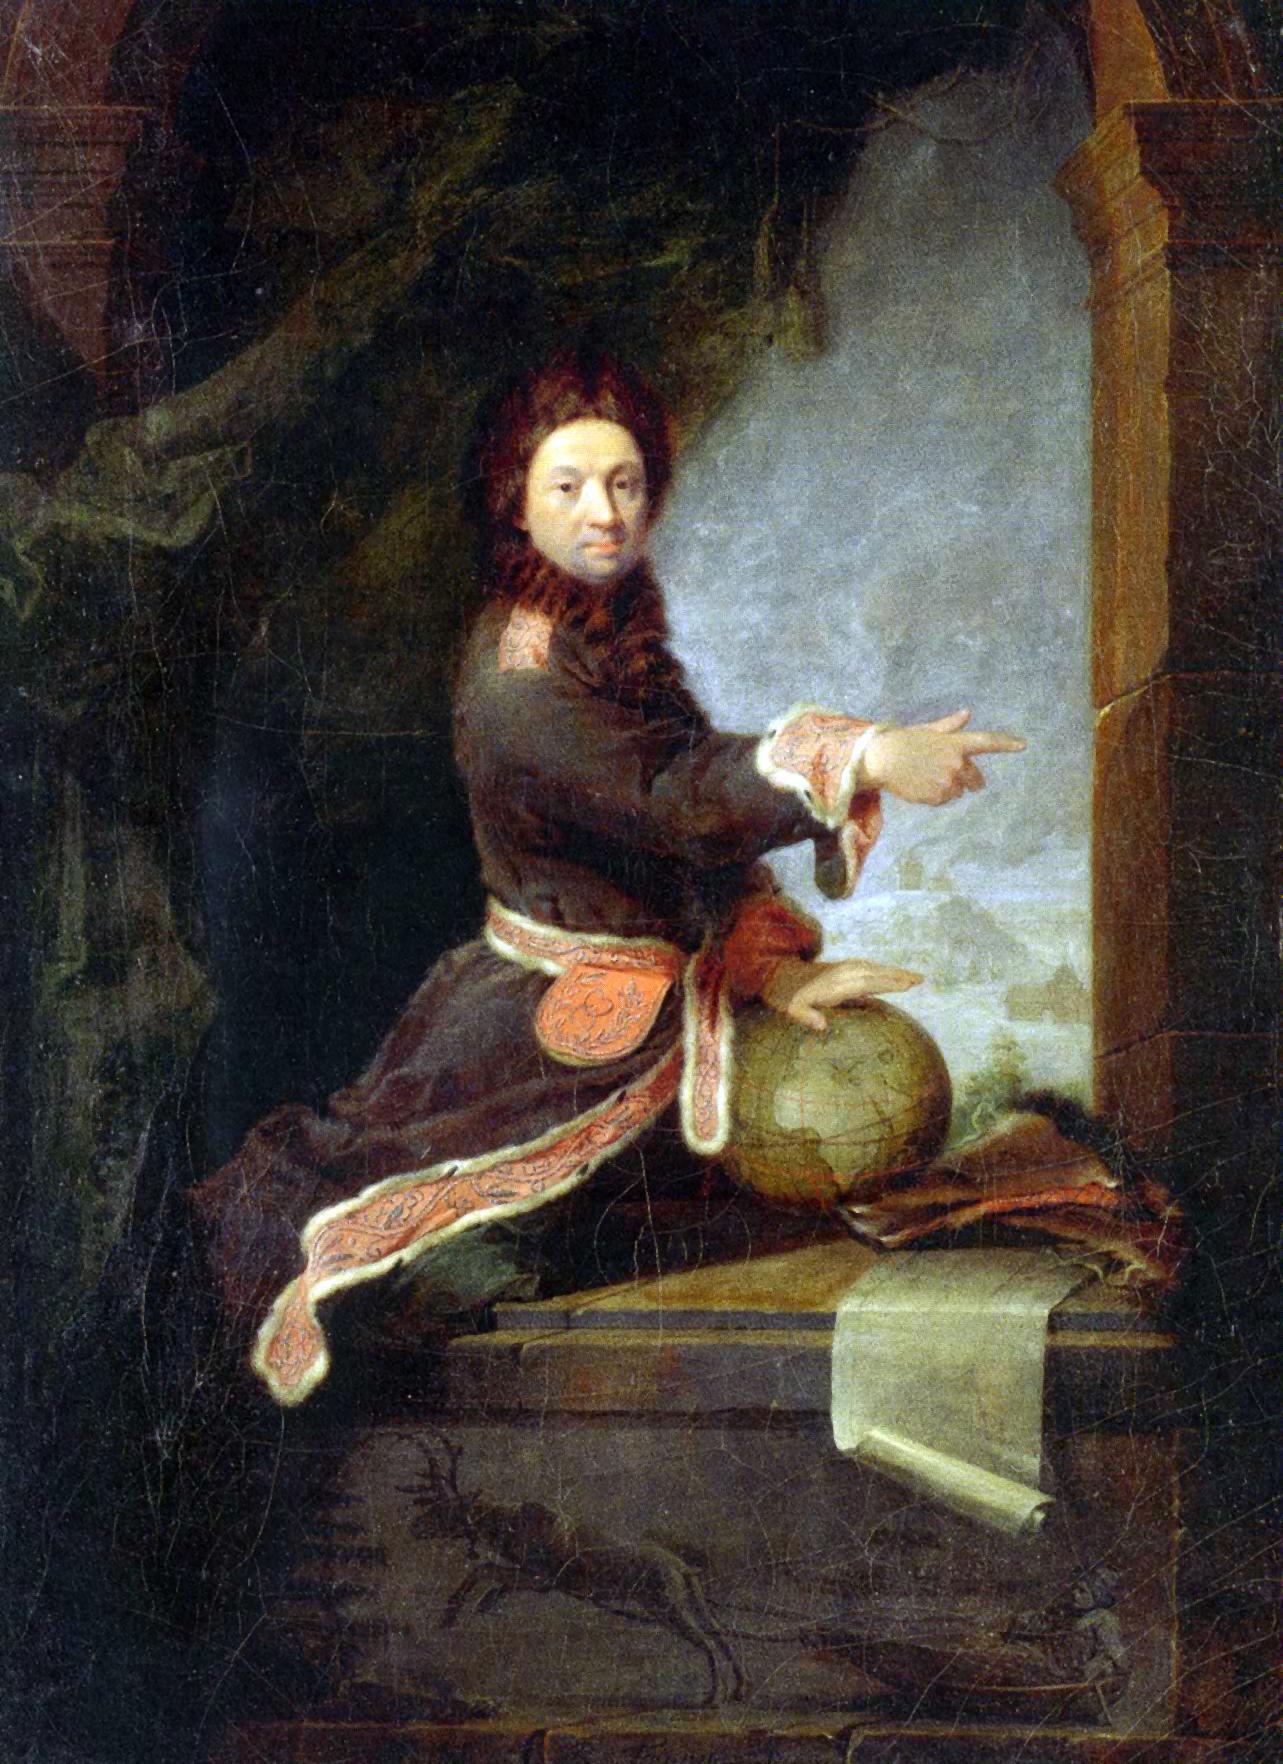 Pierre-Louis_Moreau_de_Maupertuis_(Levrac-Tournières)